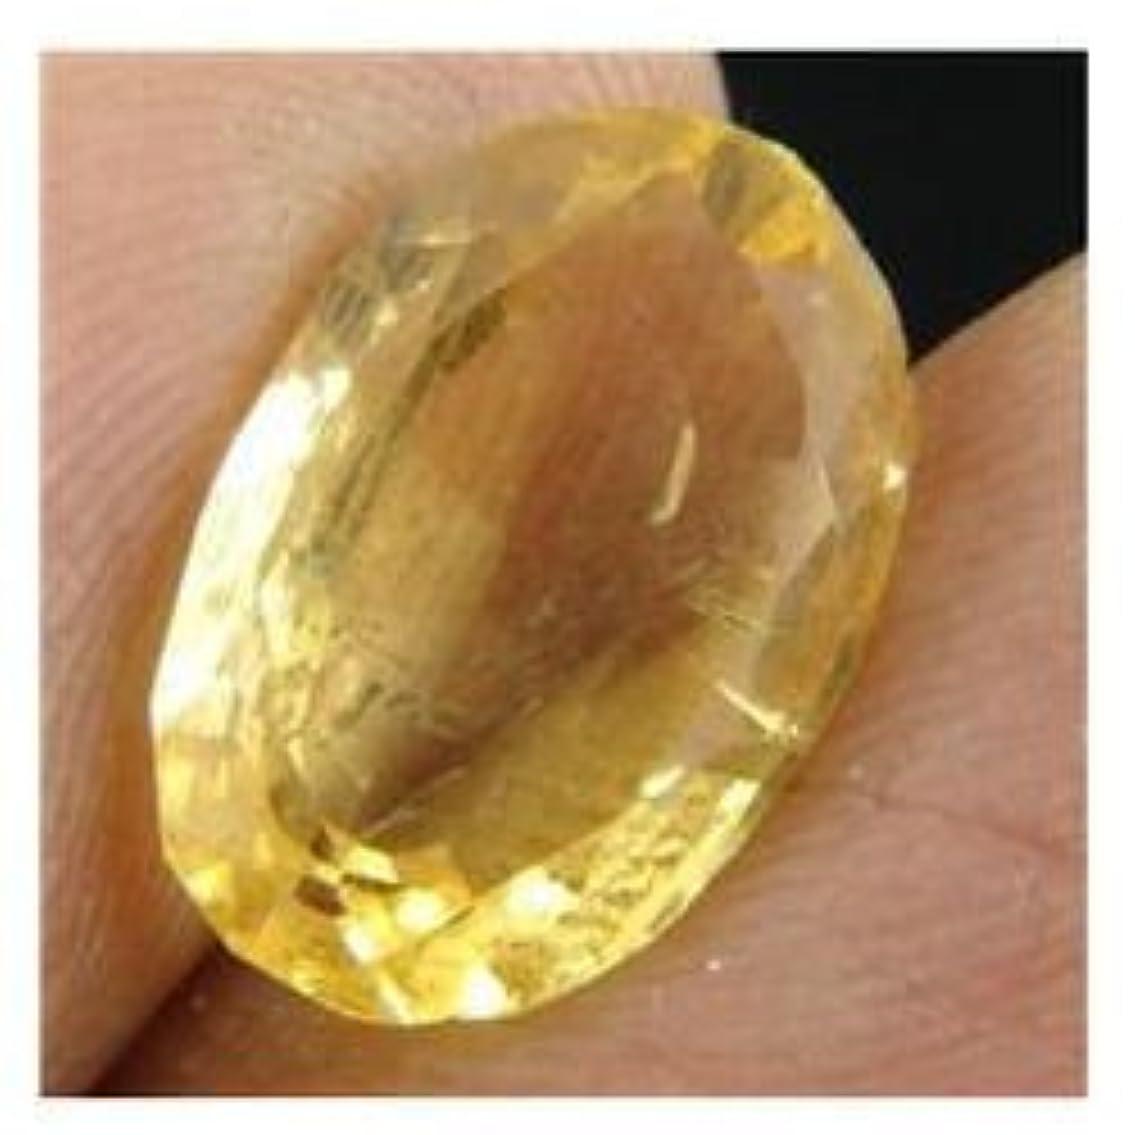 叫び声章接続詞sunela石元認定天然シトリン原石5.9カラットby gemselect